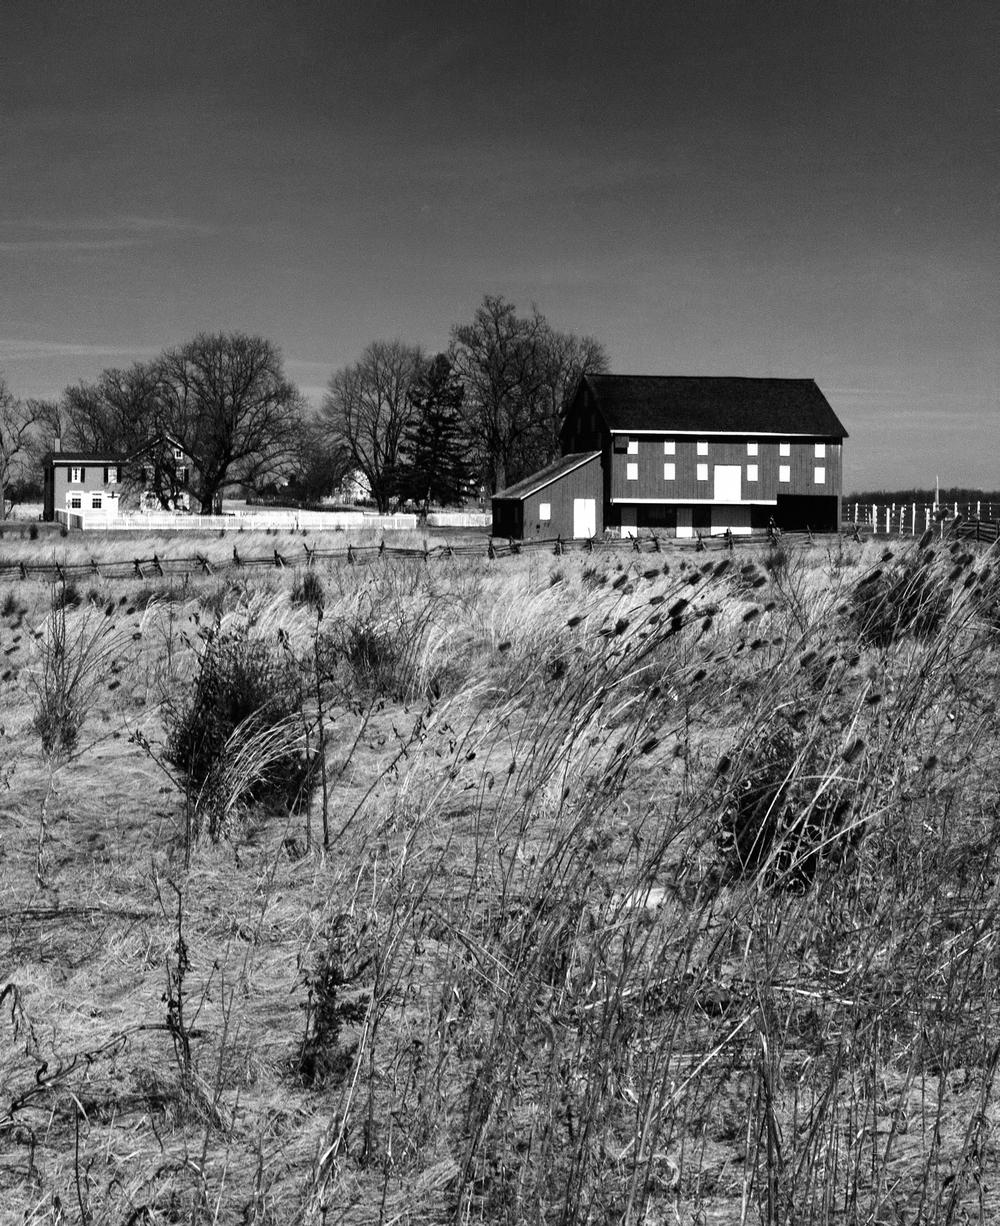 4x5_for_365_project_071_Gettysburg_farm.jpg